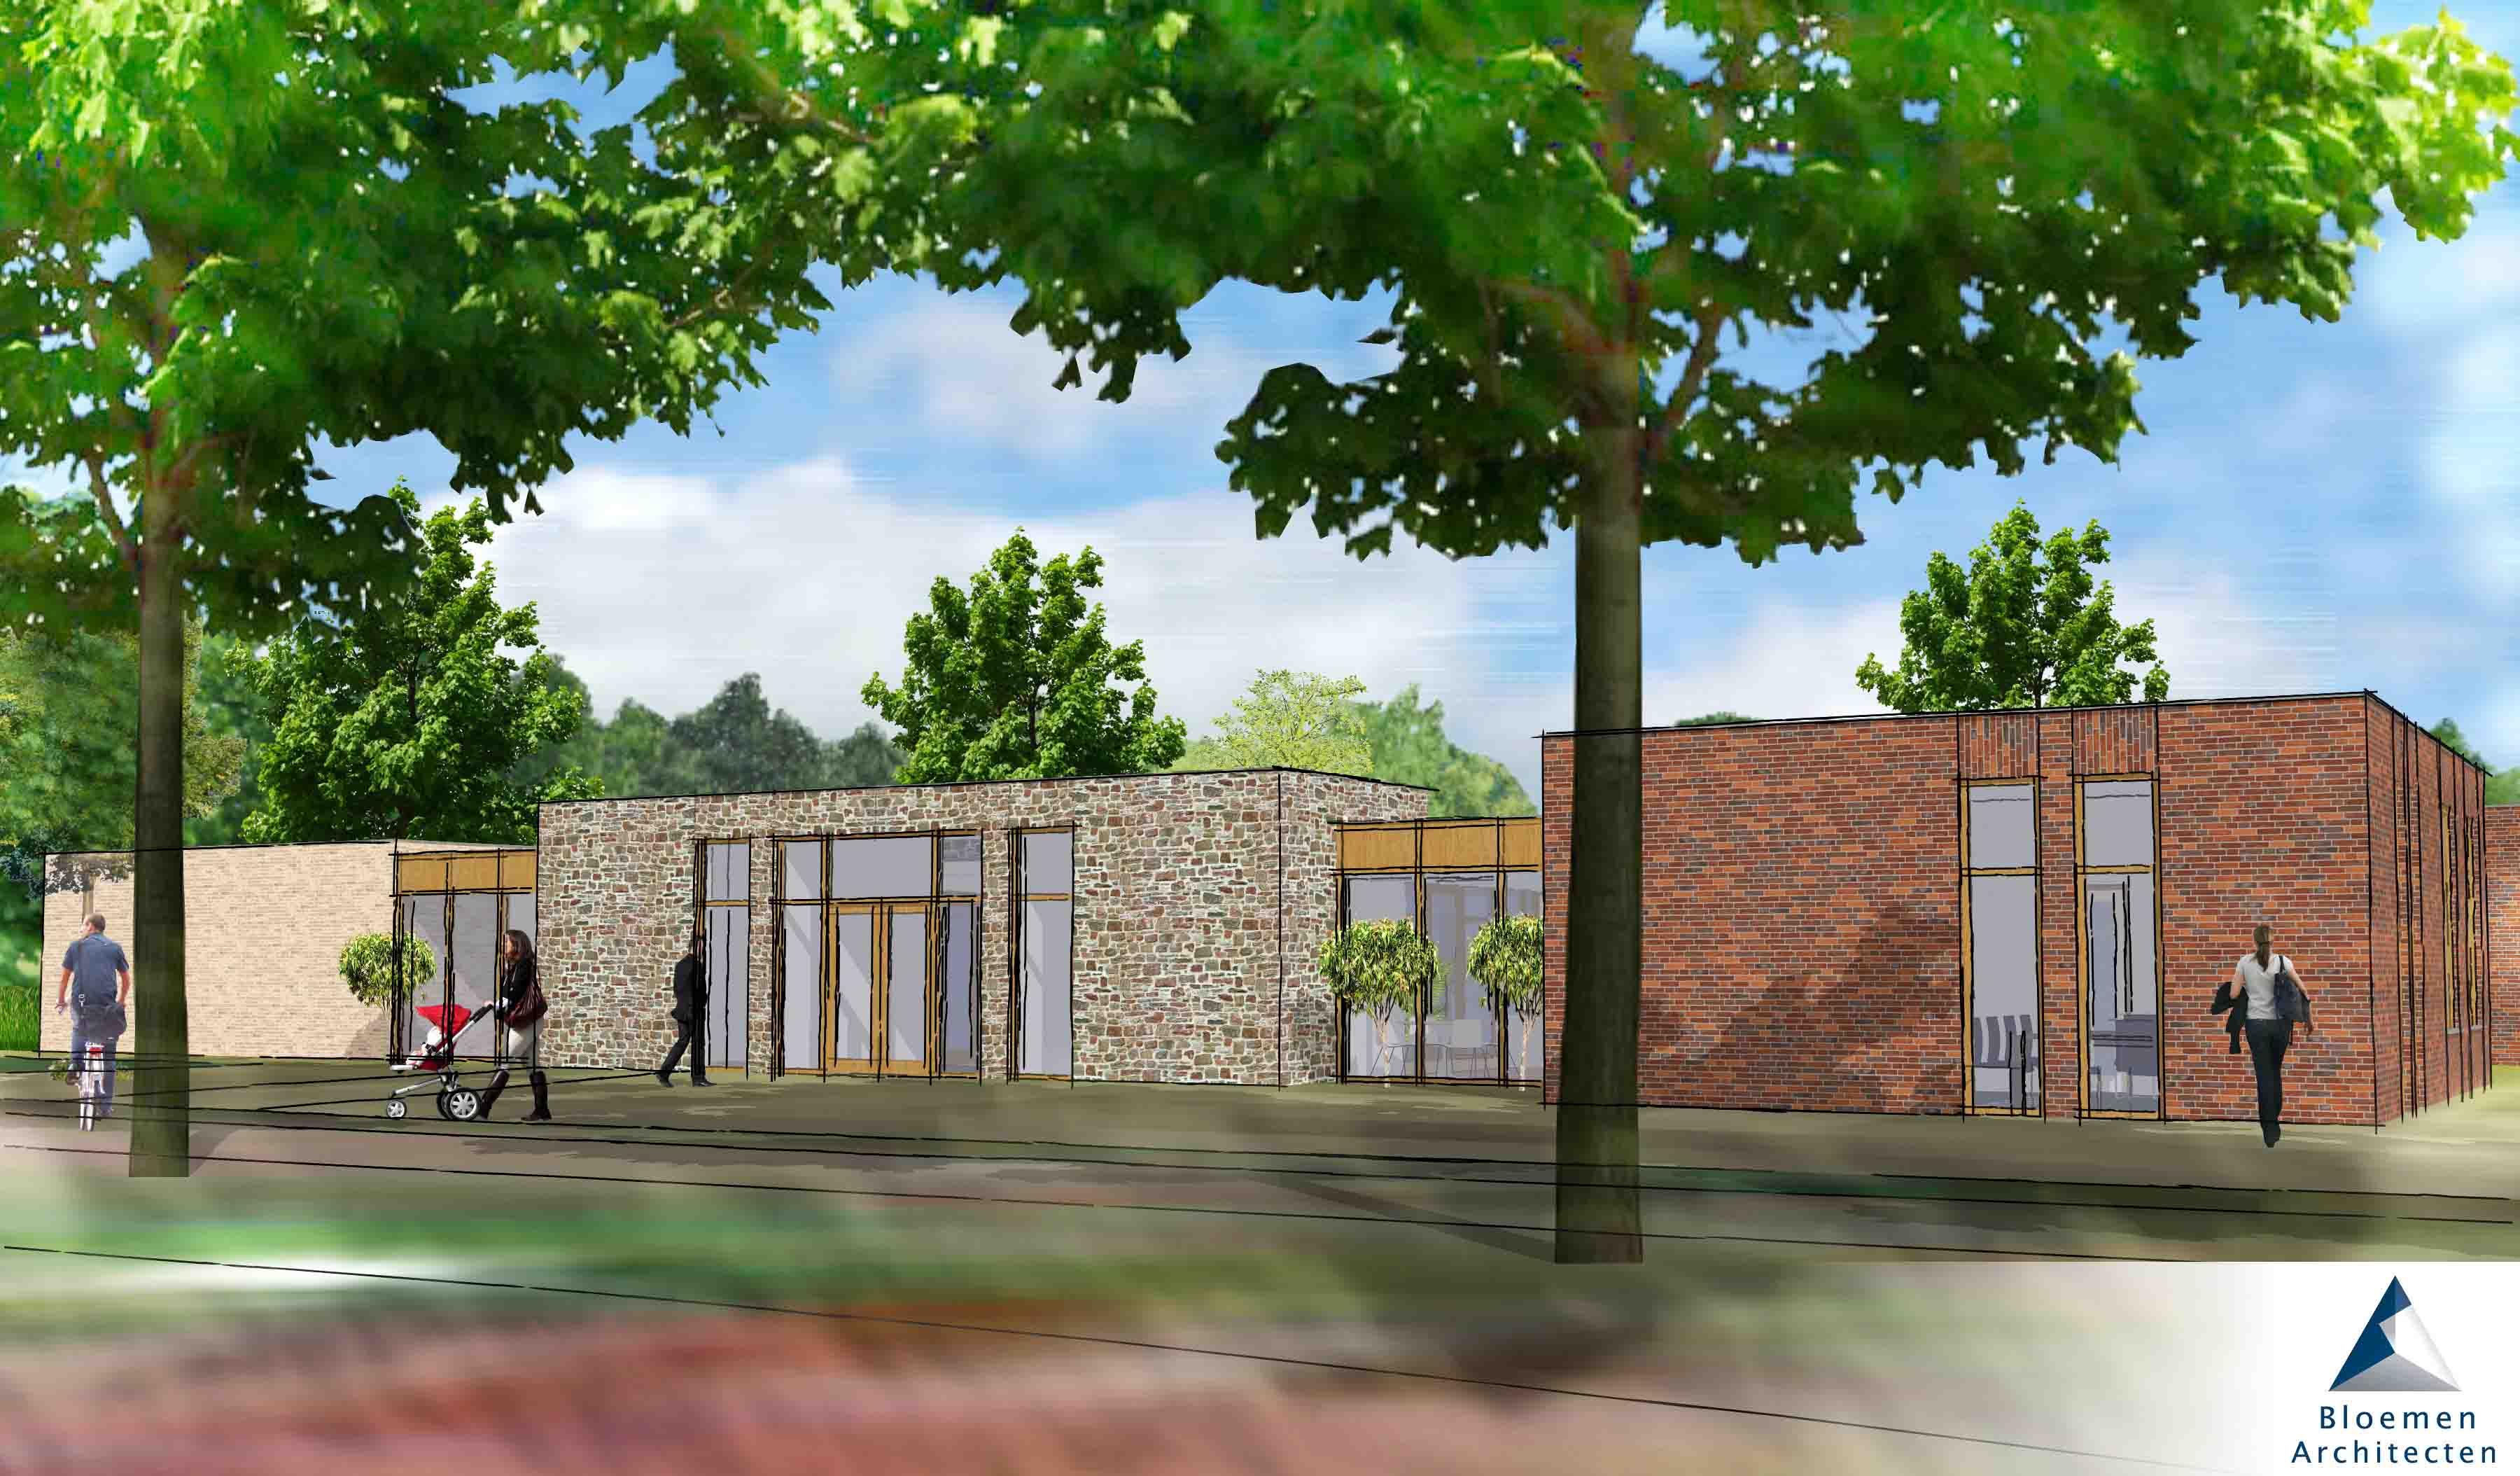 Hospice Alphen aan den Rijn - Bloemen Architecten